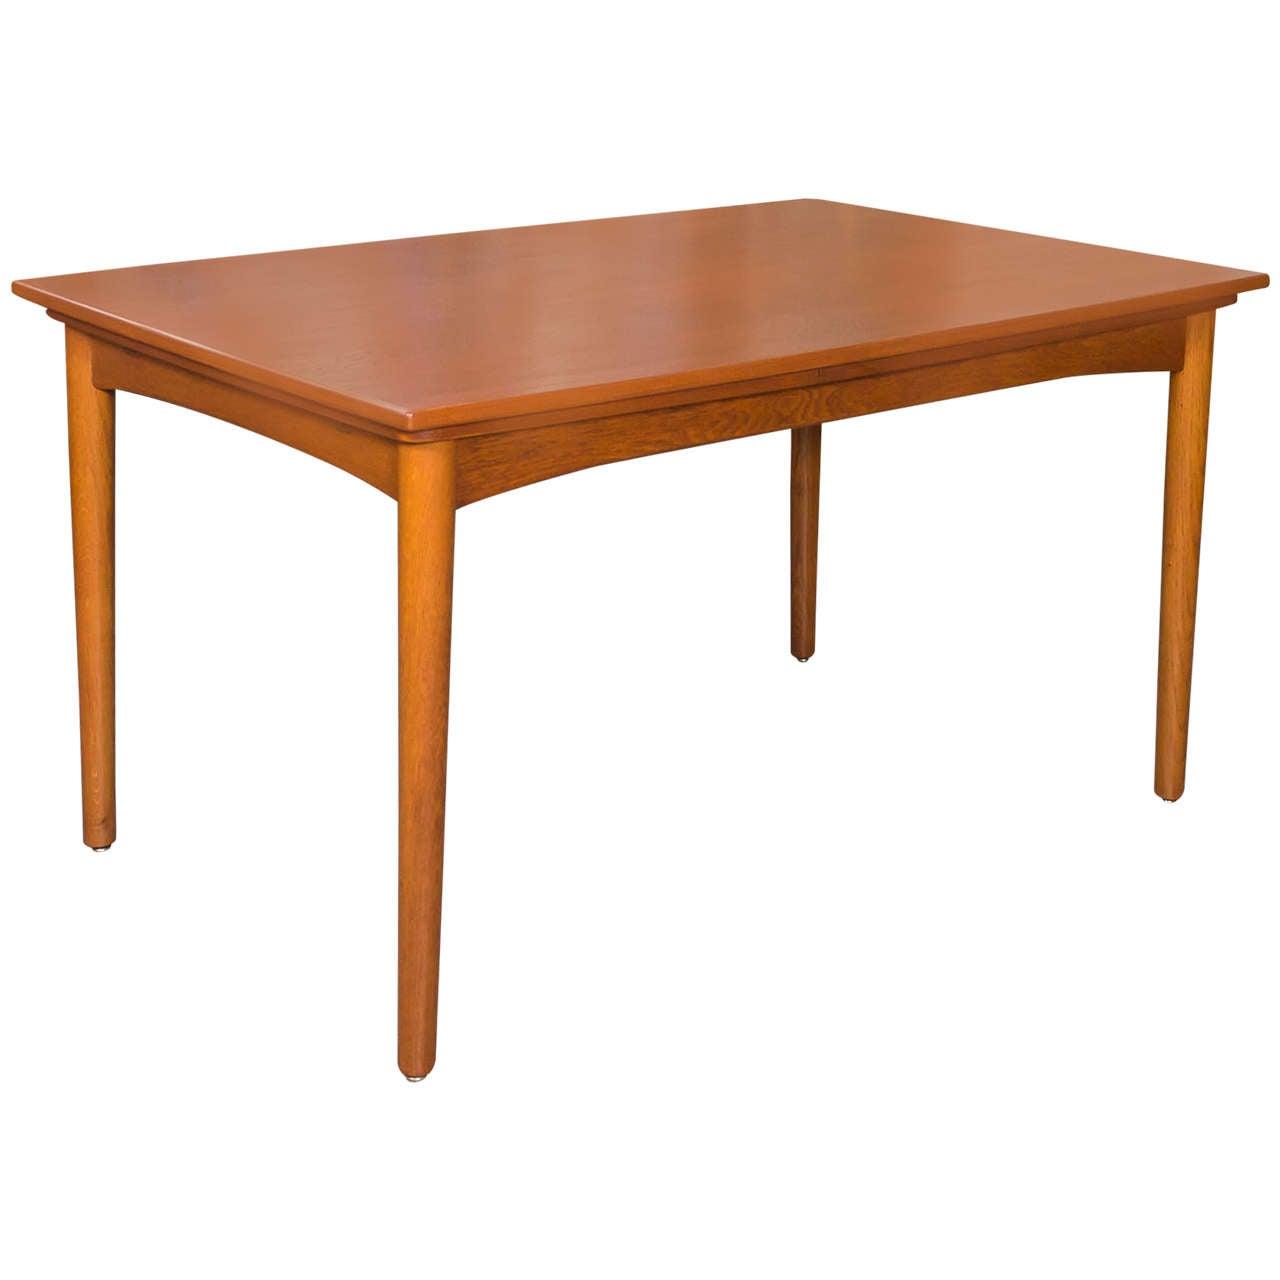 Danish teak dining table by arne hovmand olsen for skovmand and andersen at 1stdibs - Scandinavian teak dining room furniture design ...